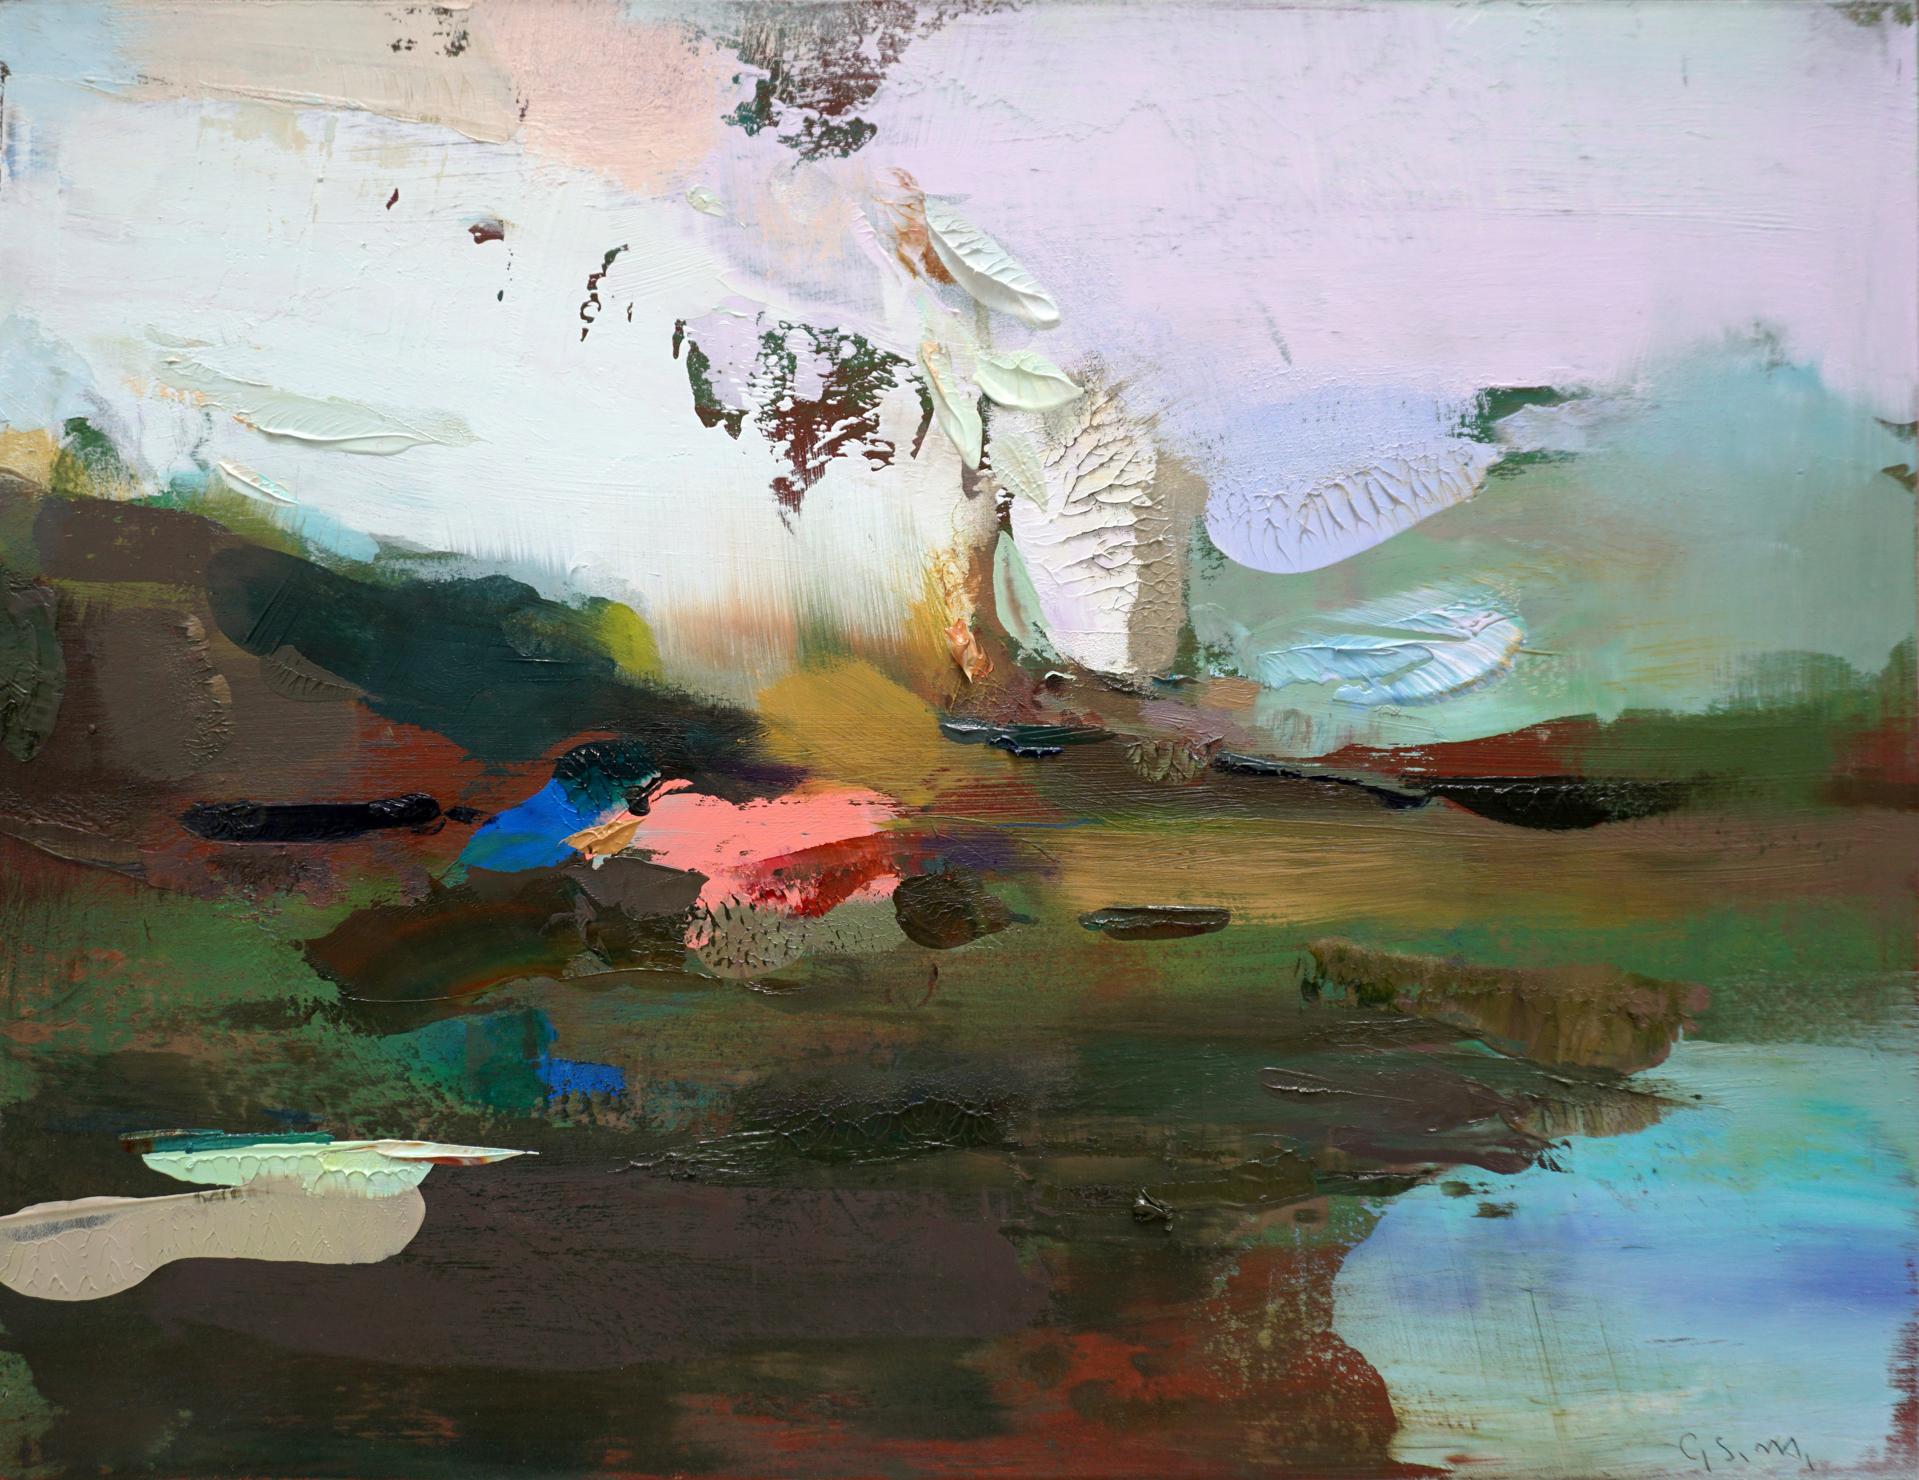 Landscape No. 3 by Carlos San Millán